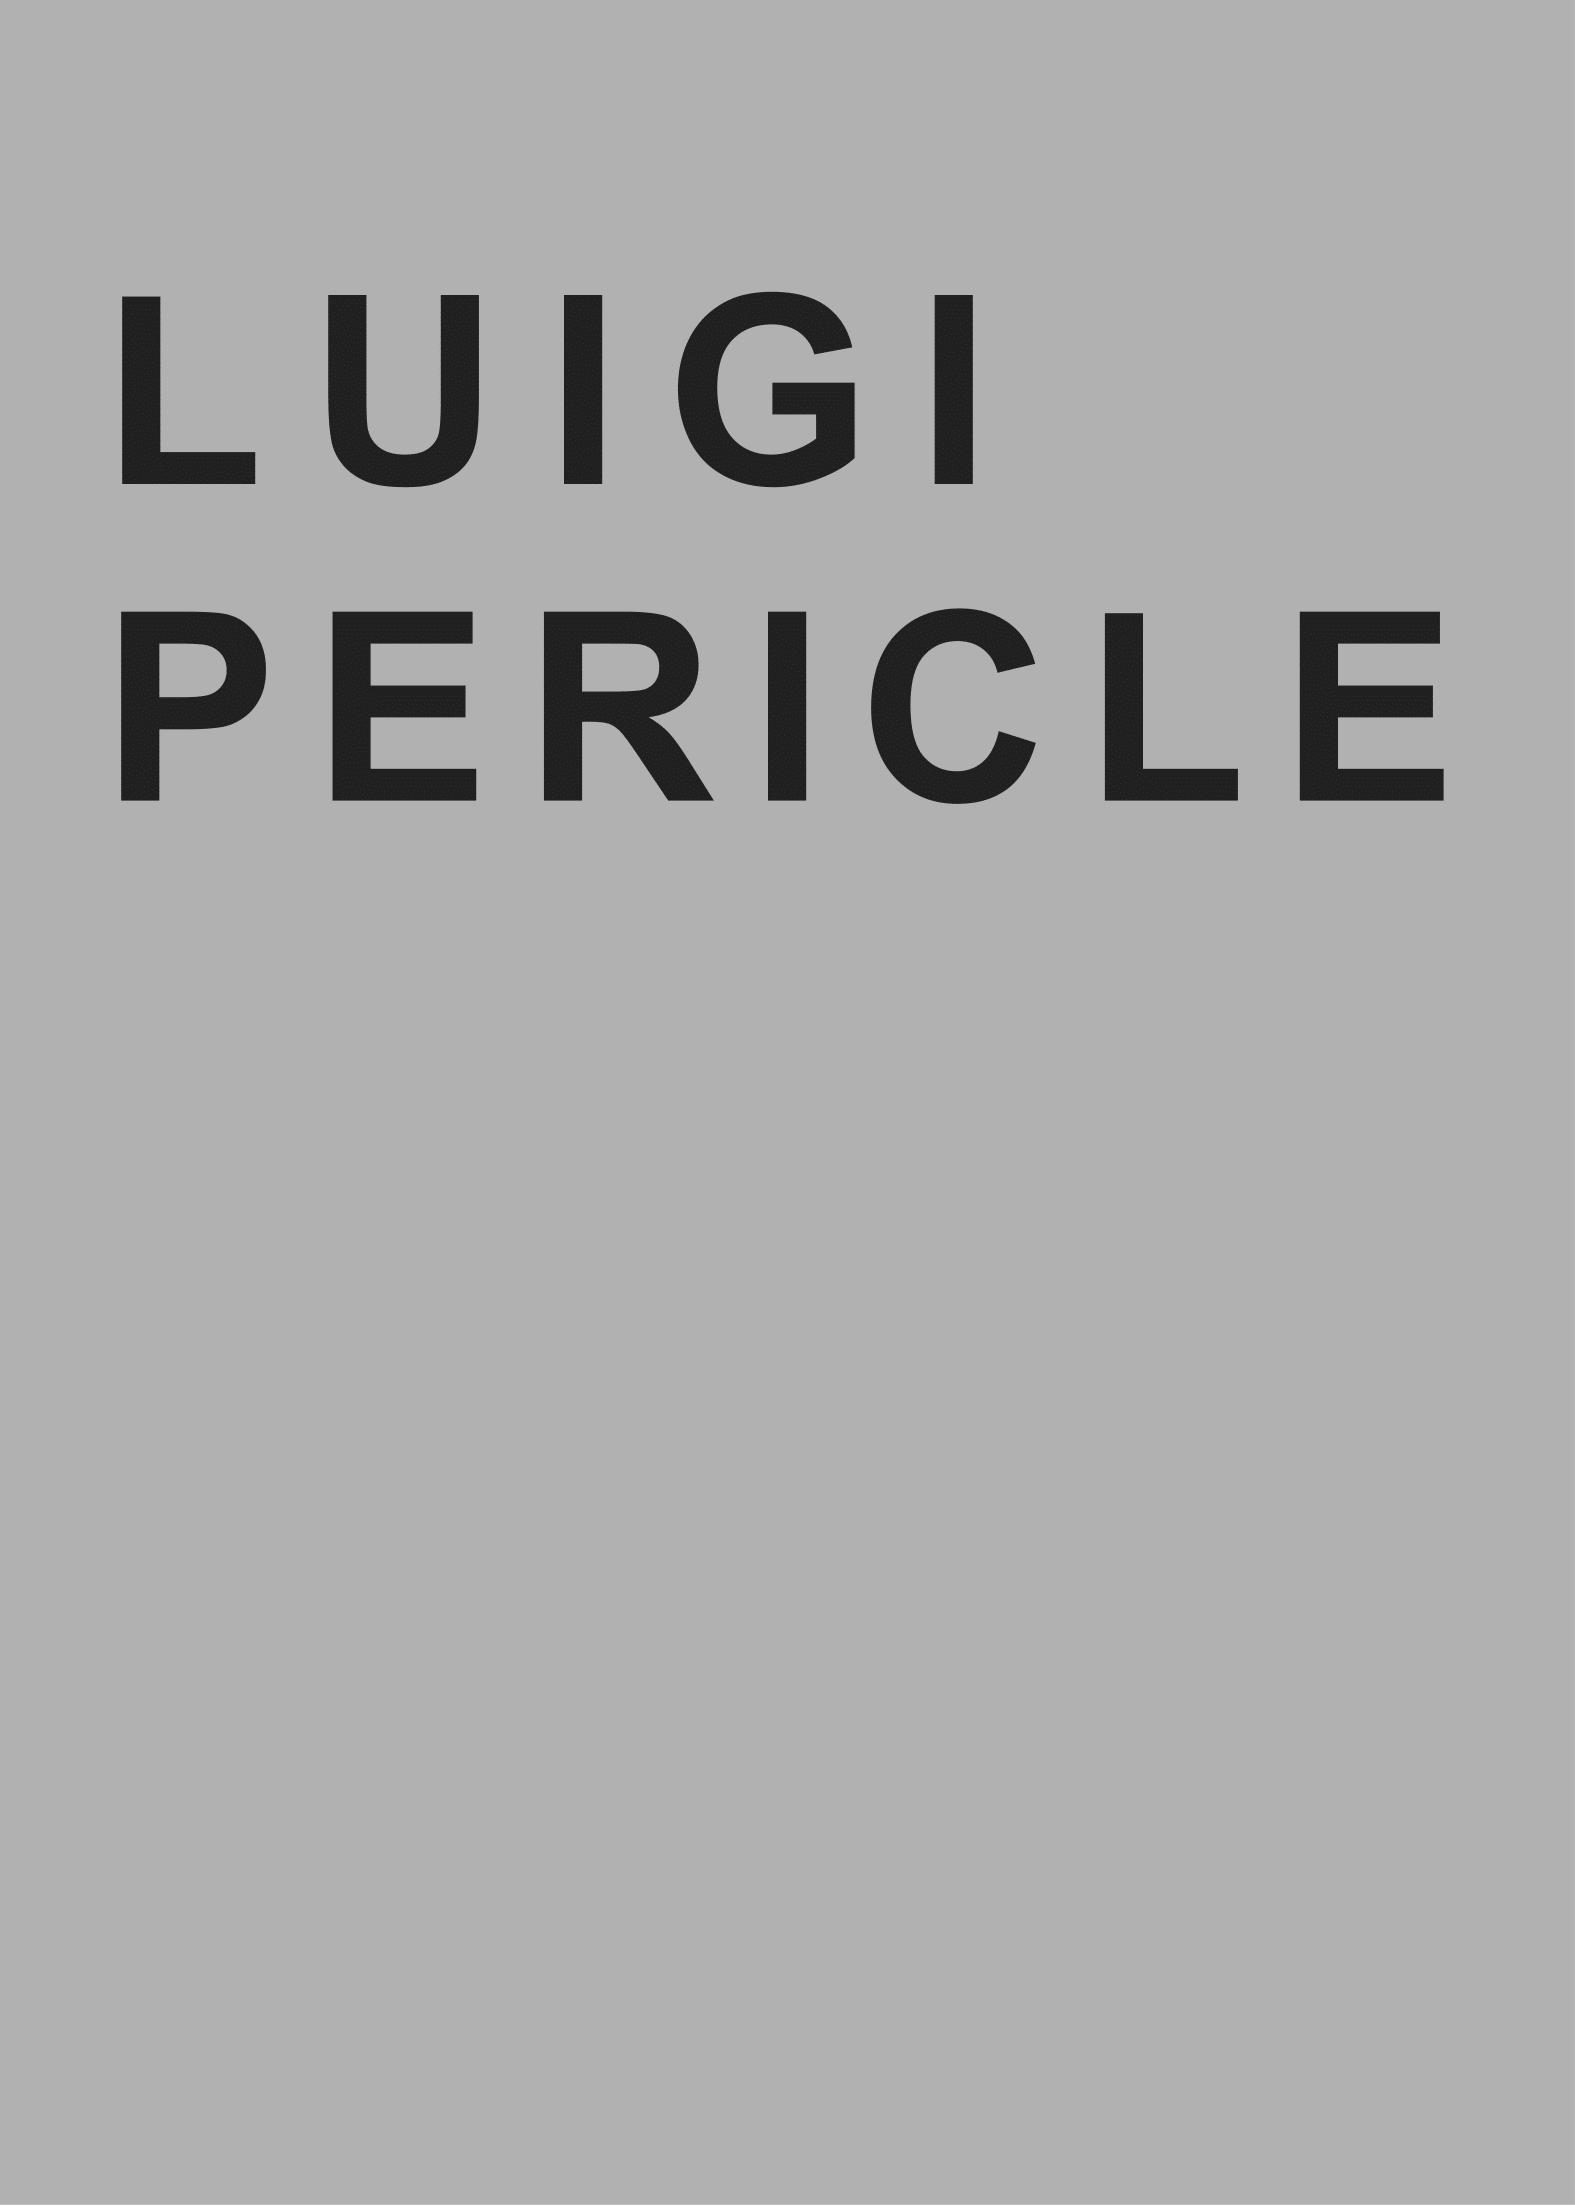 Luigi Pericle catalogo, pagina 1